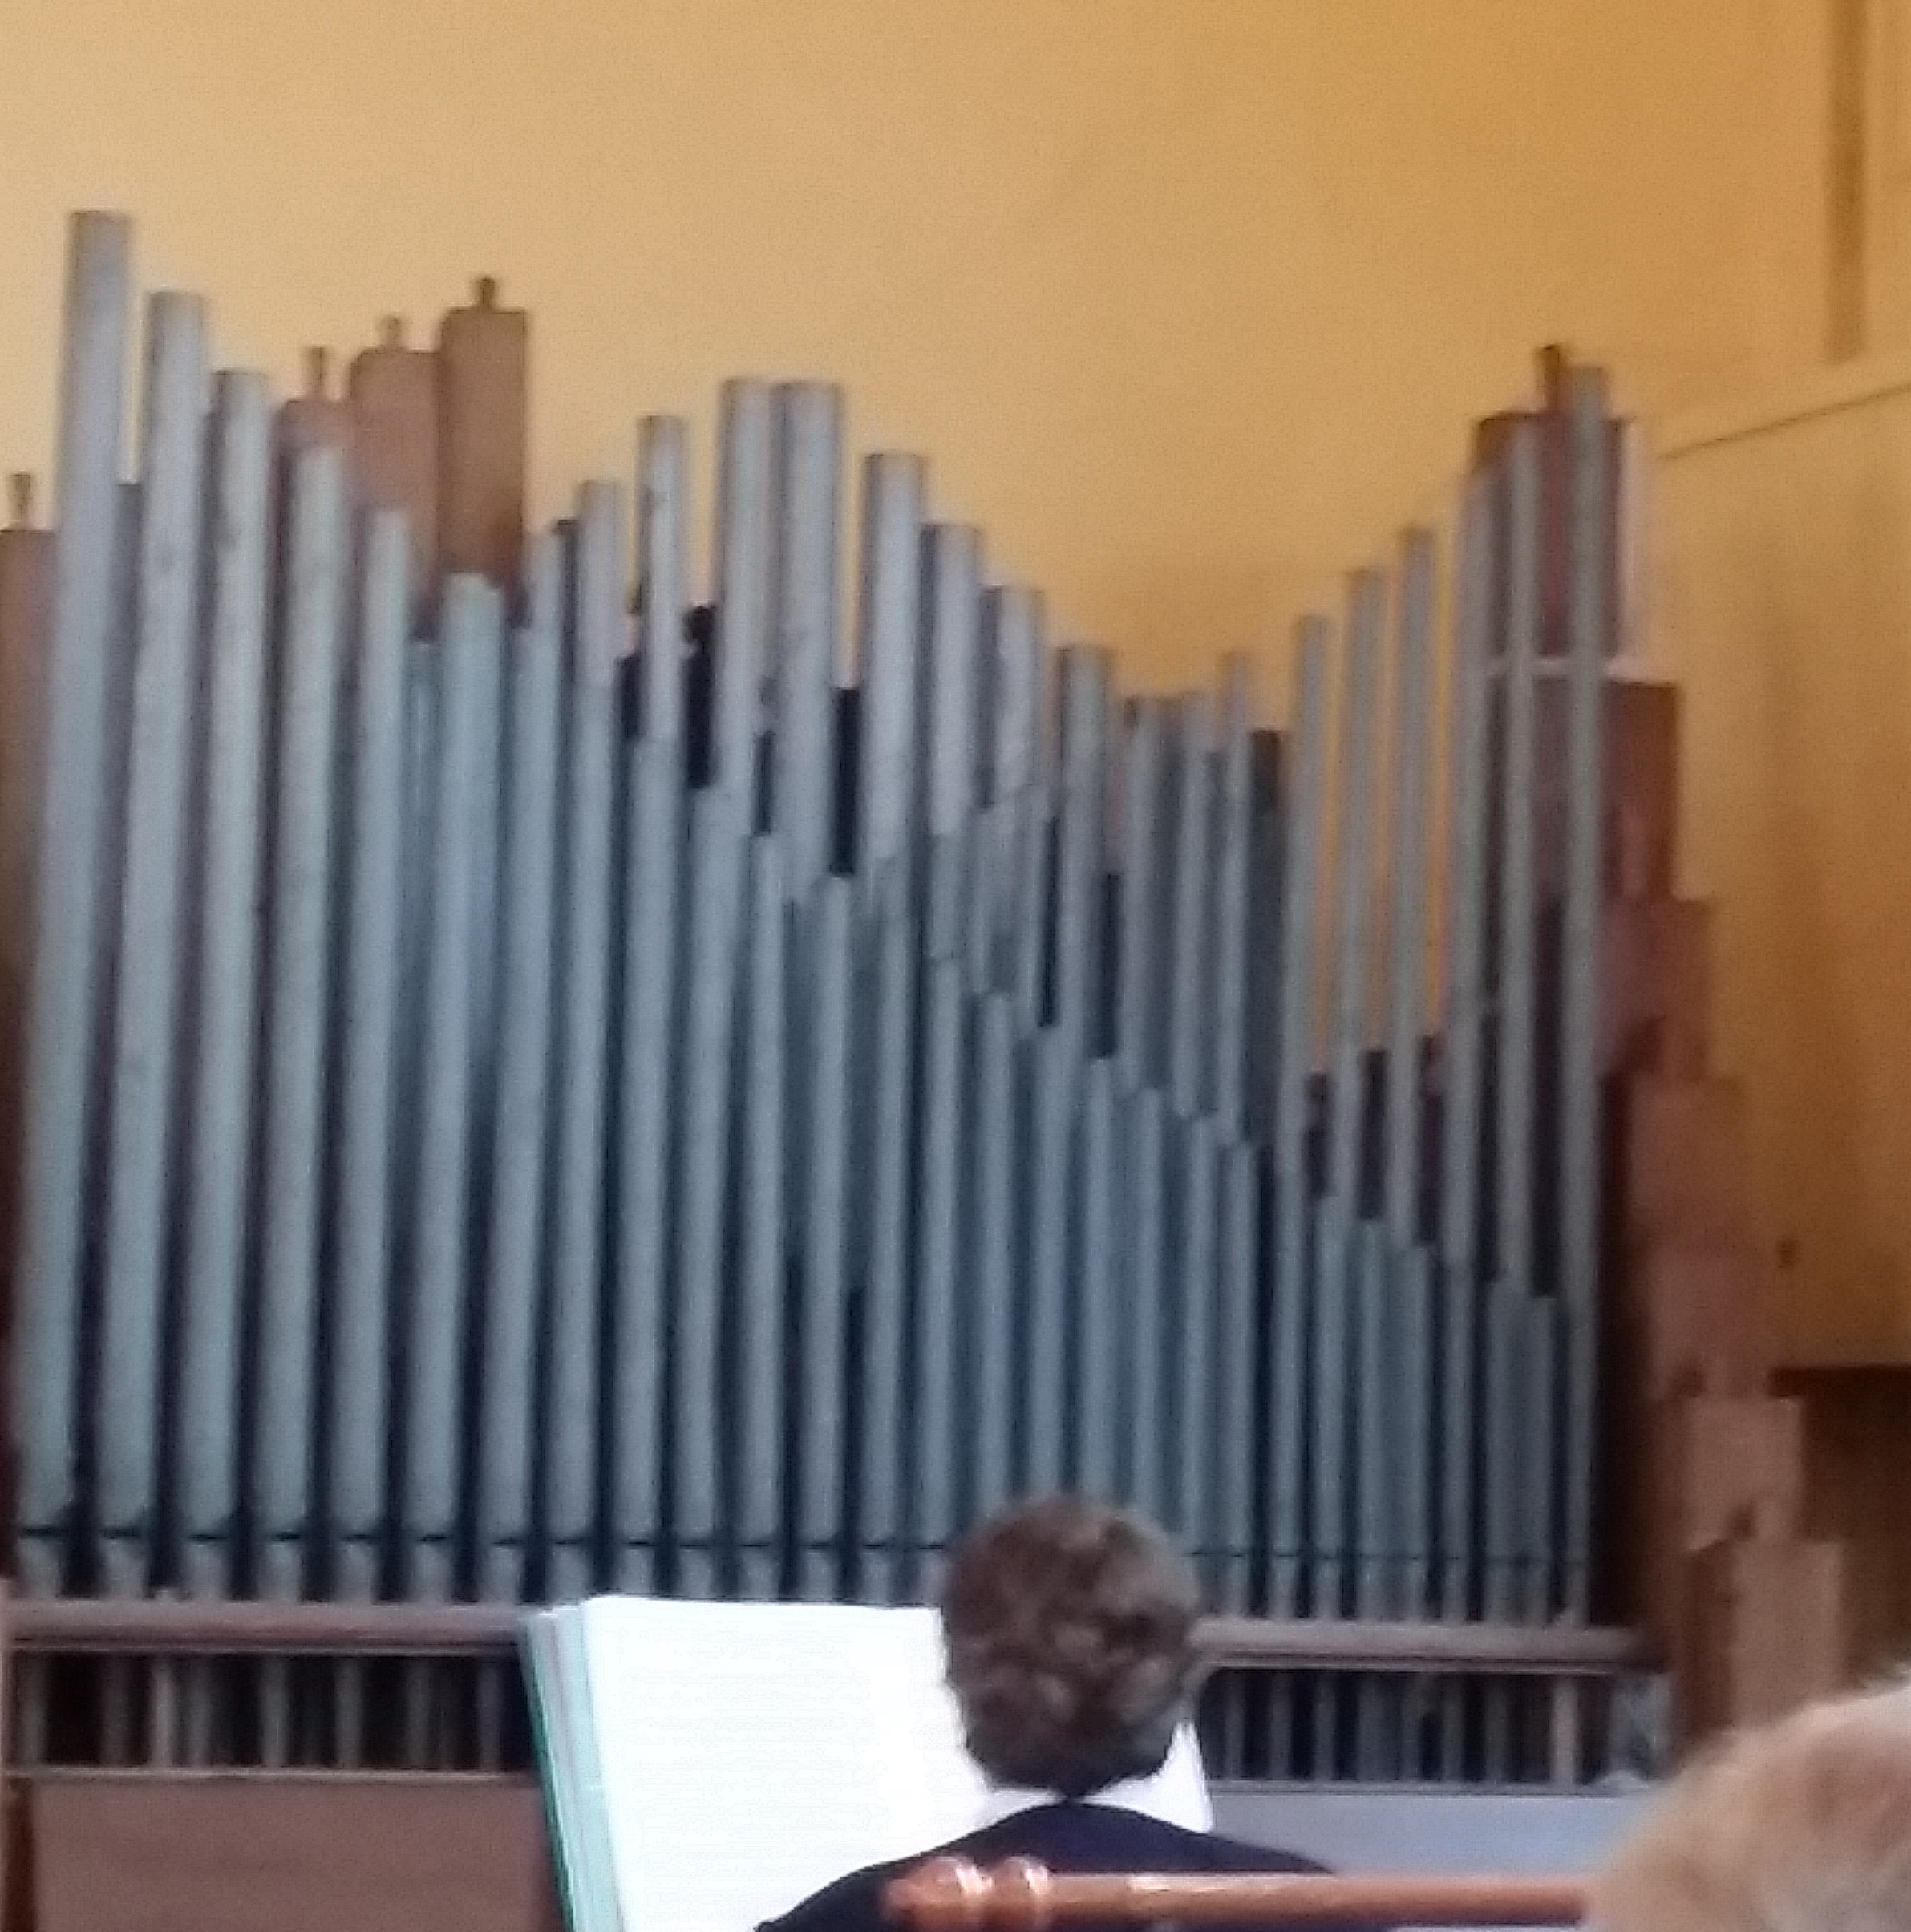 Pheasants hill church organ